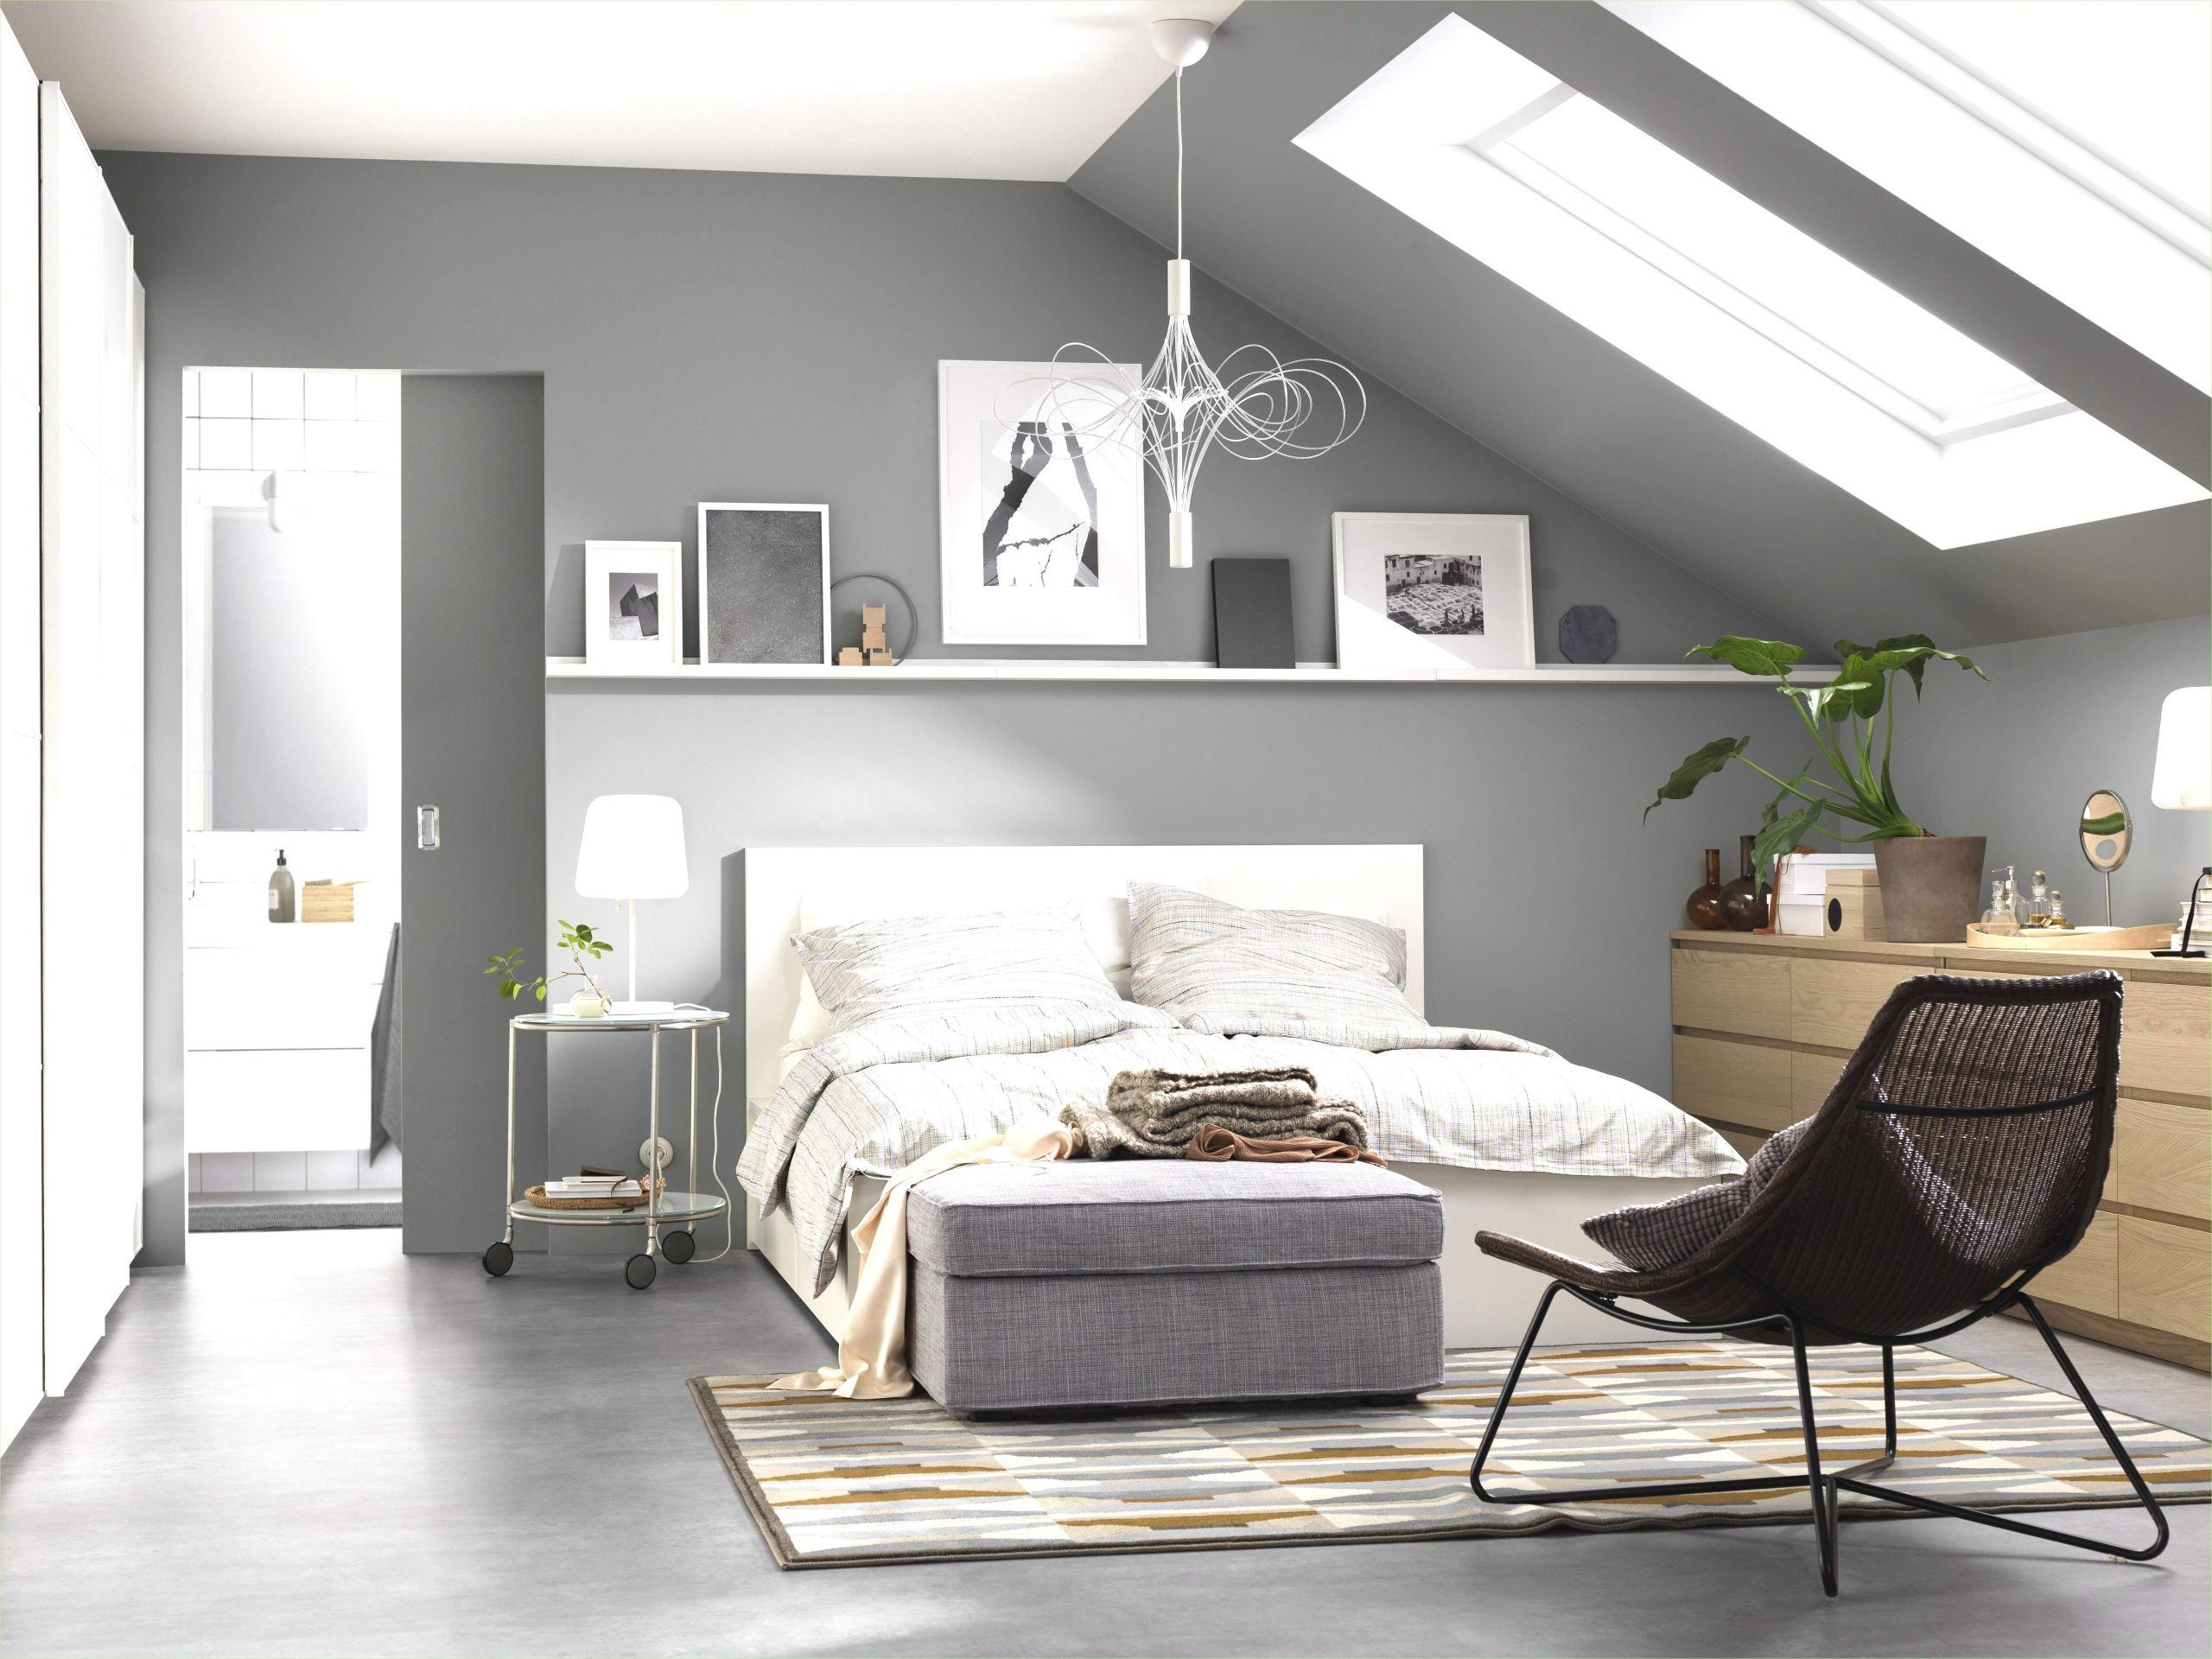 dekoideen wohnzimmer selber machen einzigartig wohnzimmer bescheiden deko ideen selbermachen wohnzimmer of dekoideen wohnzimmer selber machen scaled